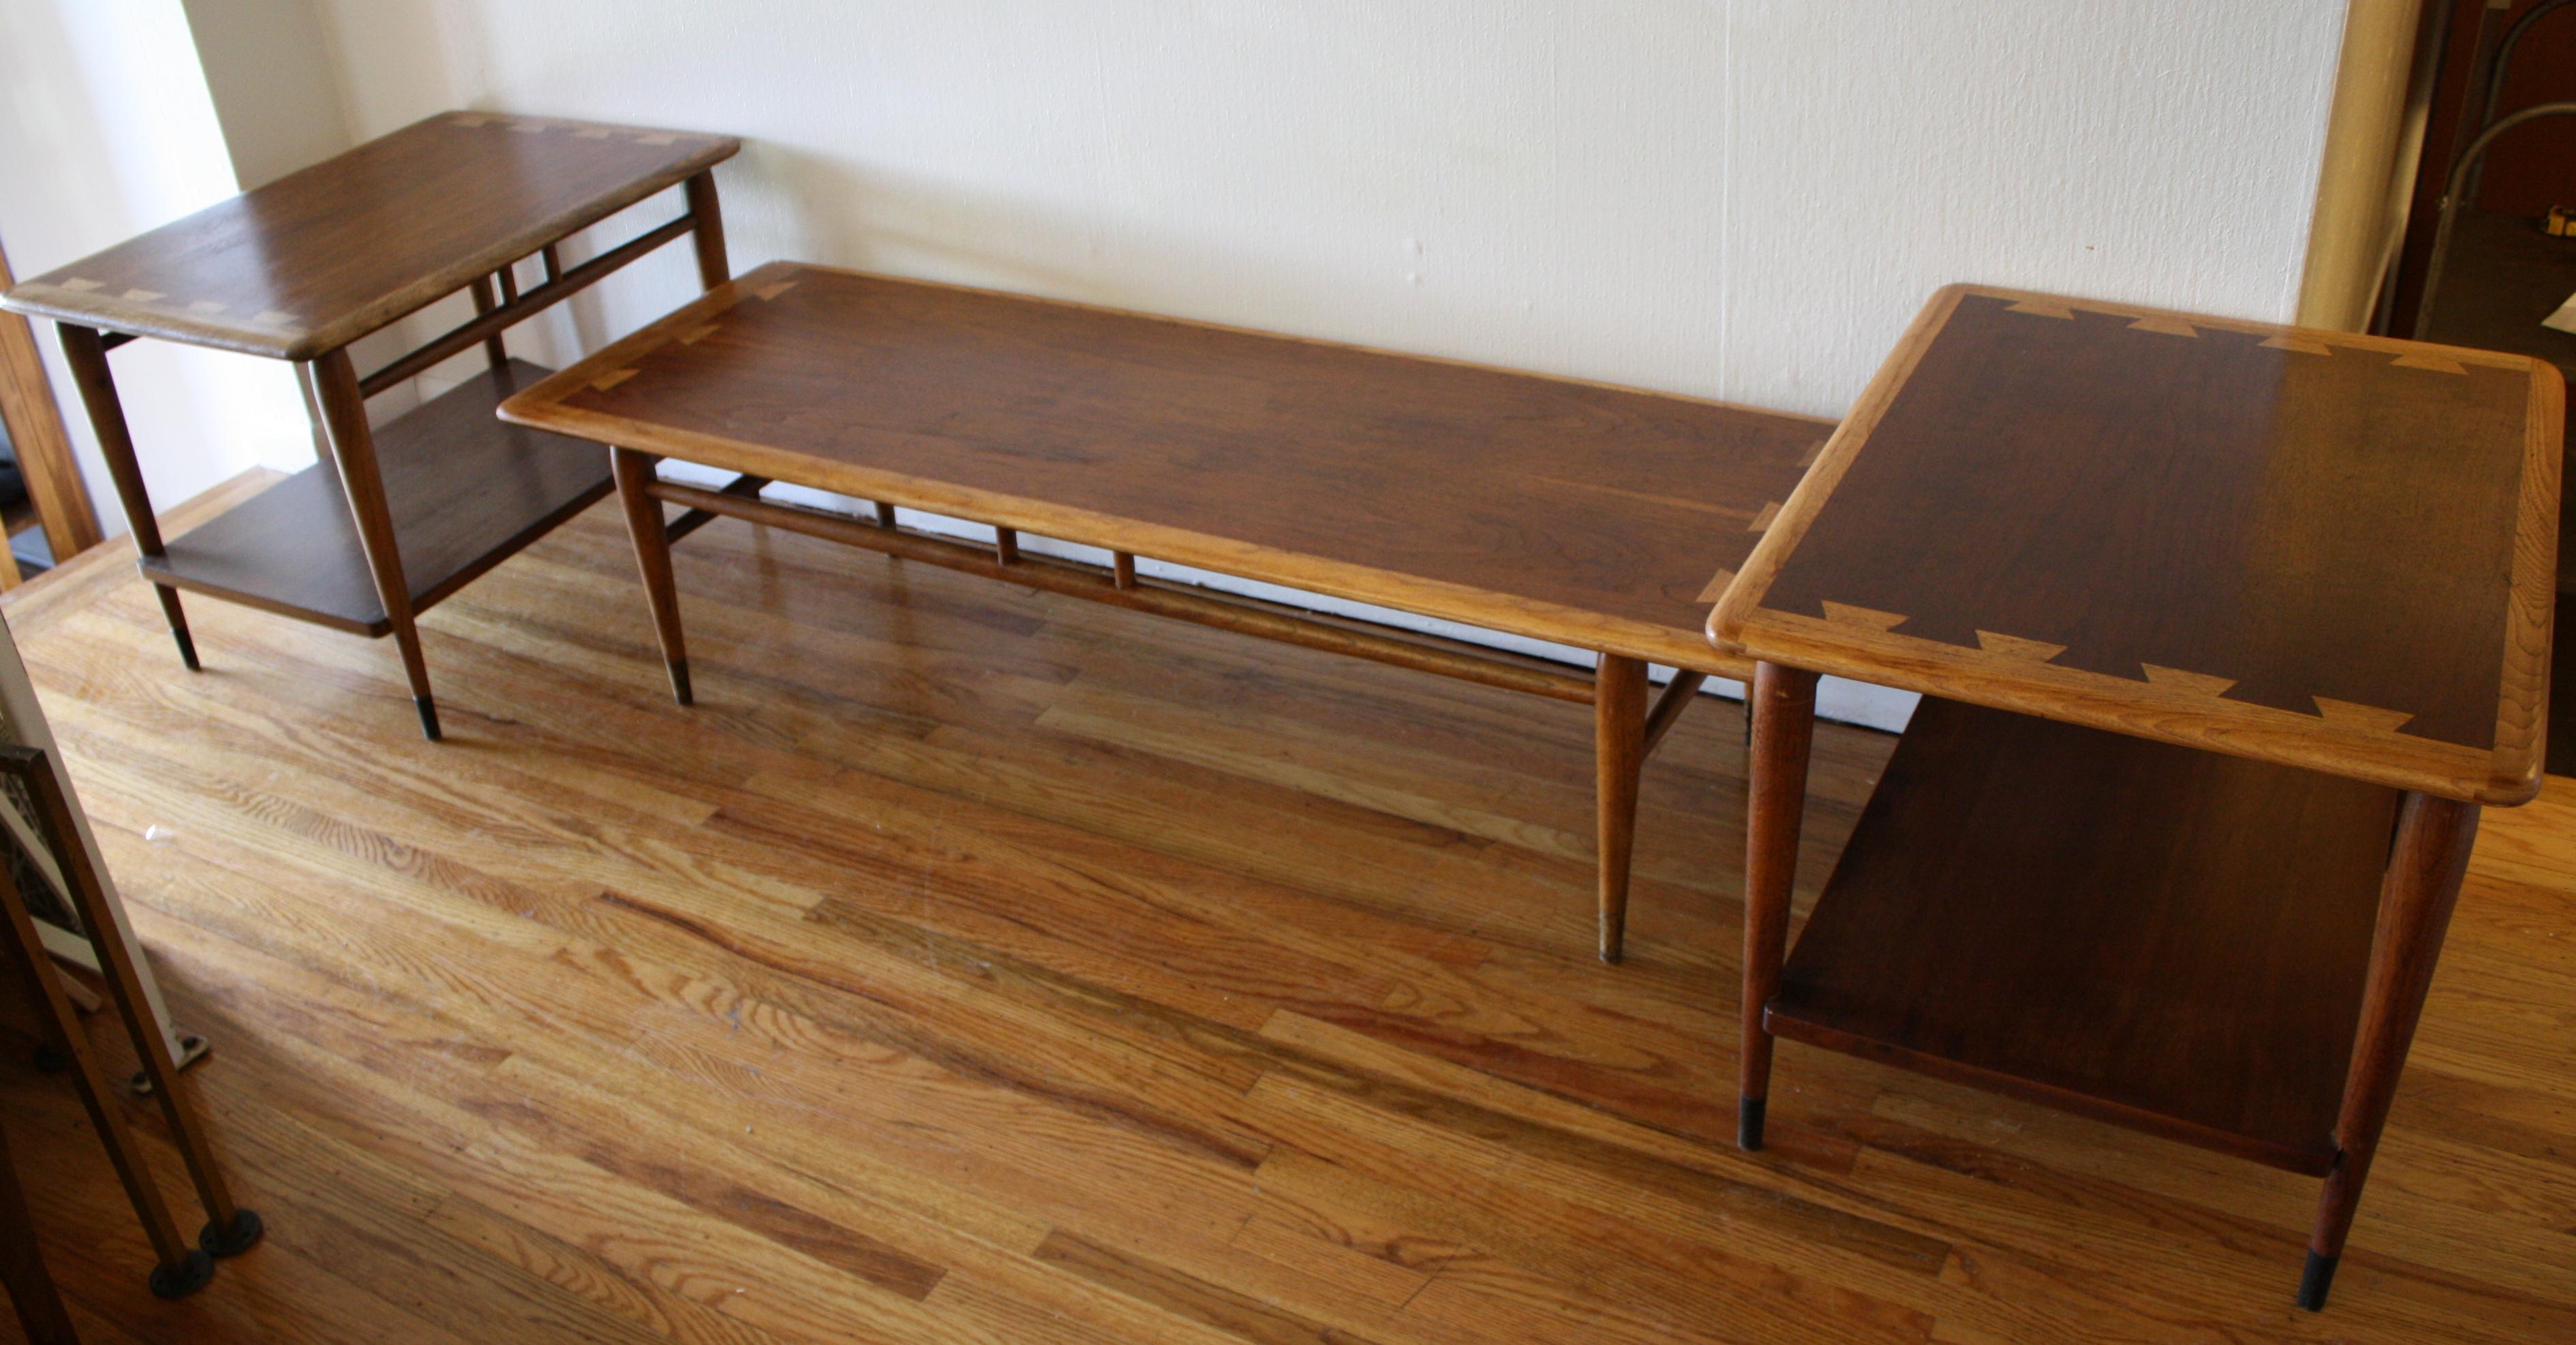 Mid Century Modern Lane Acclaim Coffee Table Picked Vintage